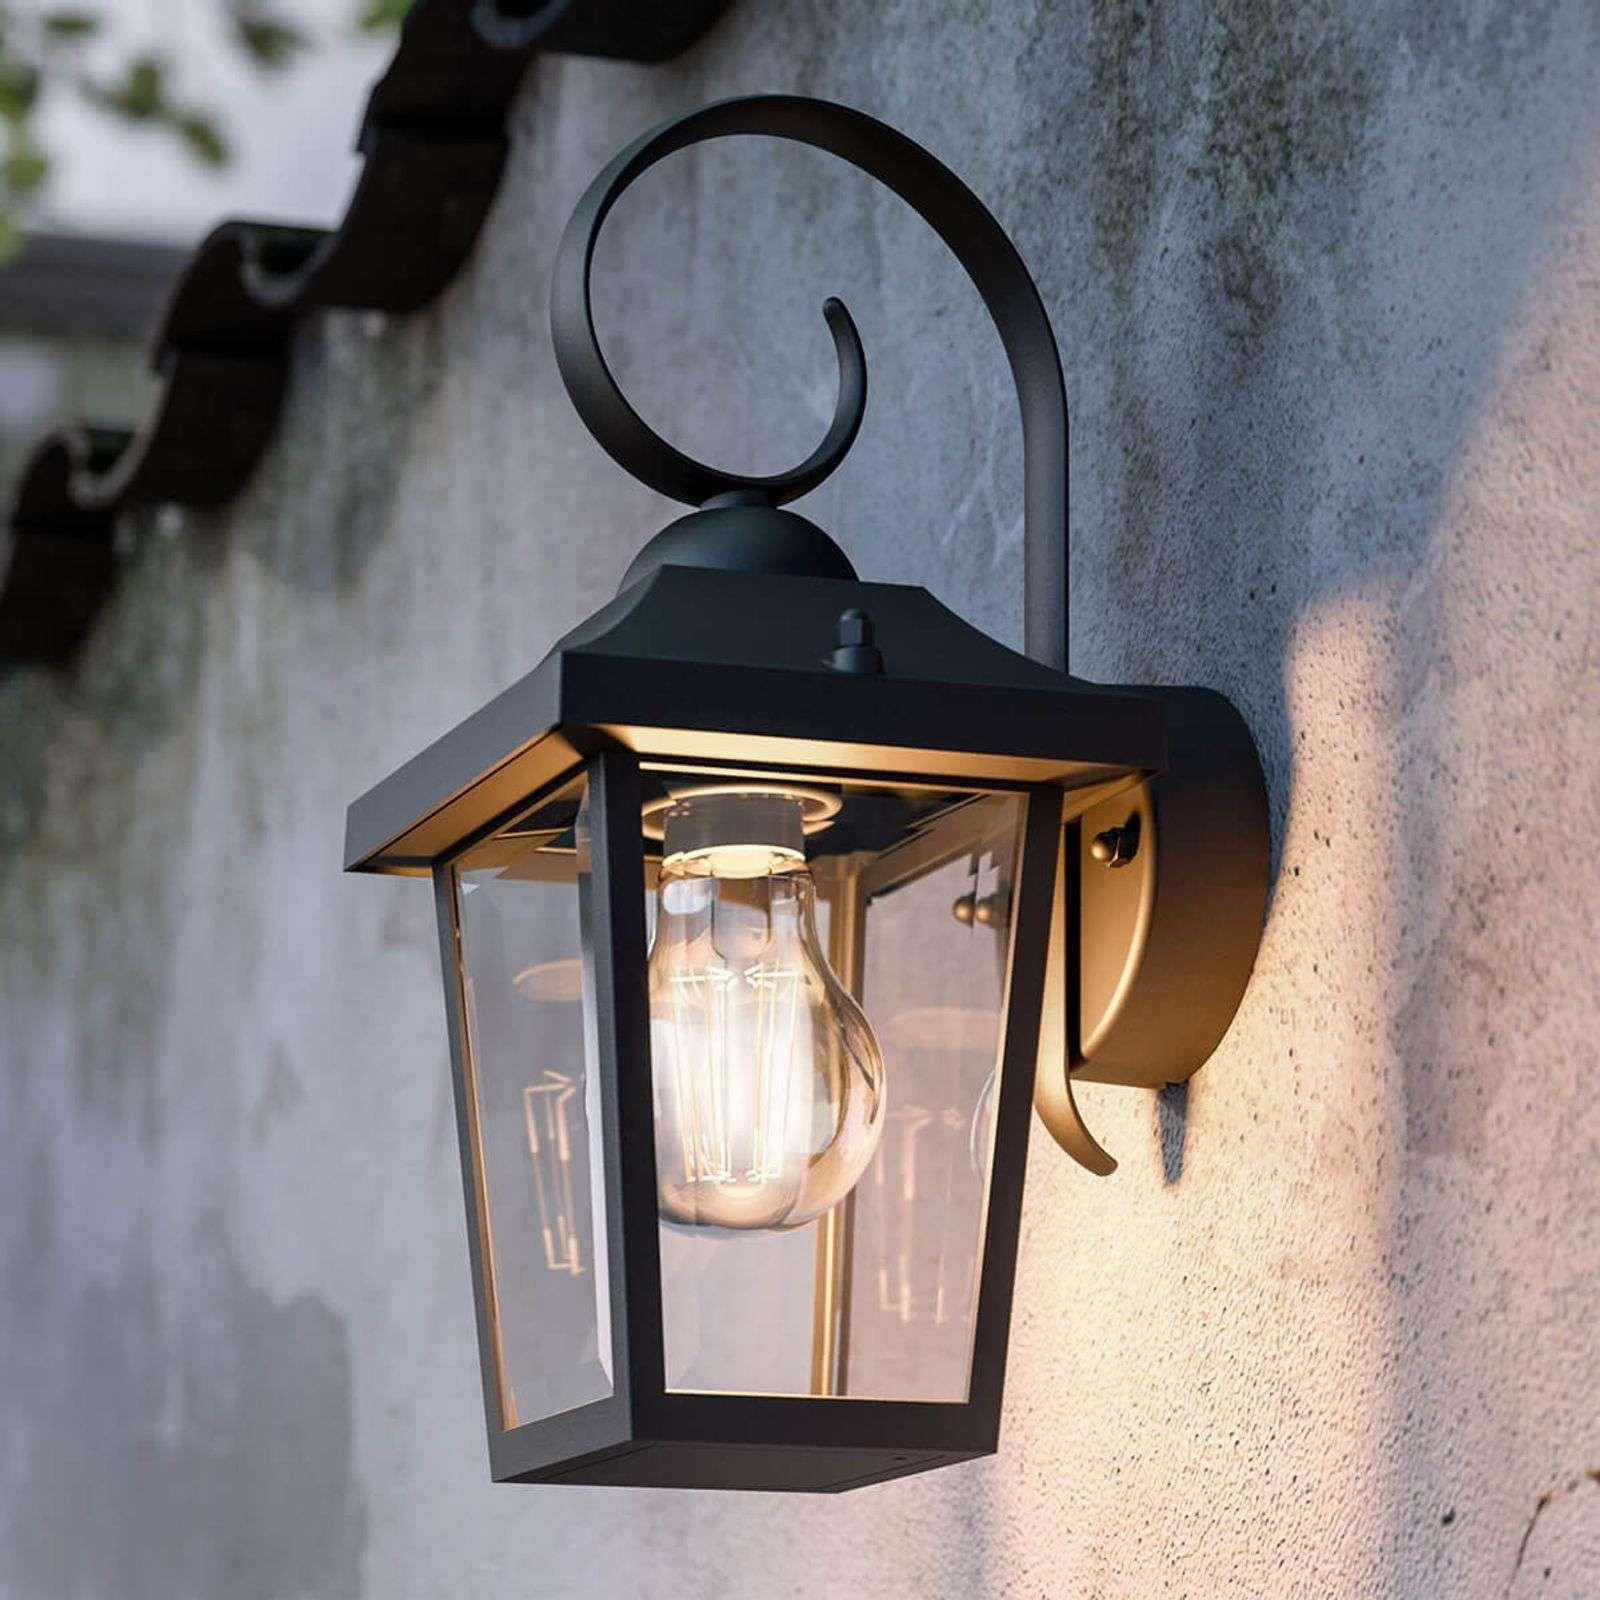 Wand-Lampe LED Hof Außen-Beleuchtung Haus-Tür Leuchte mit Bewegungsmelder Sensor